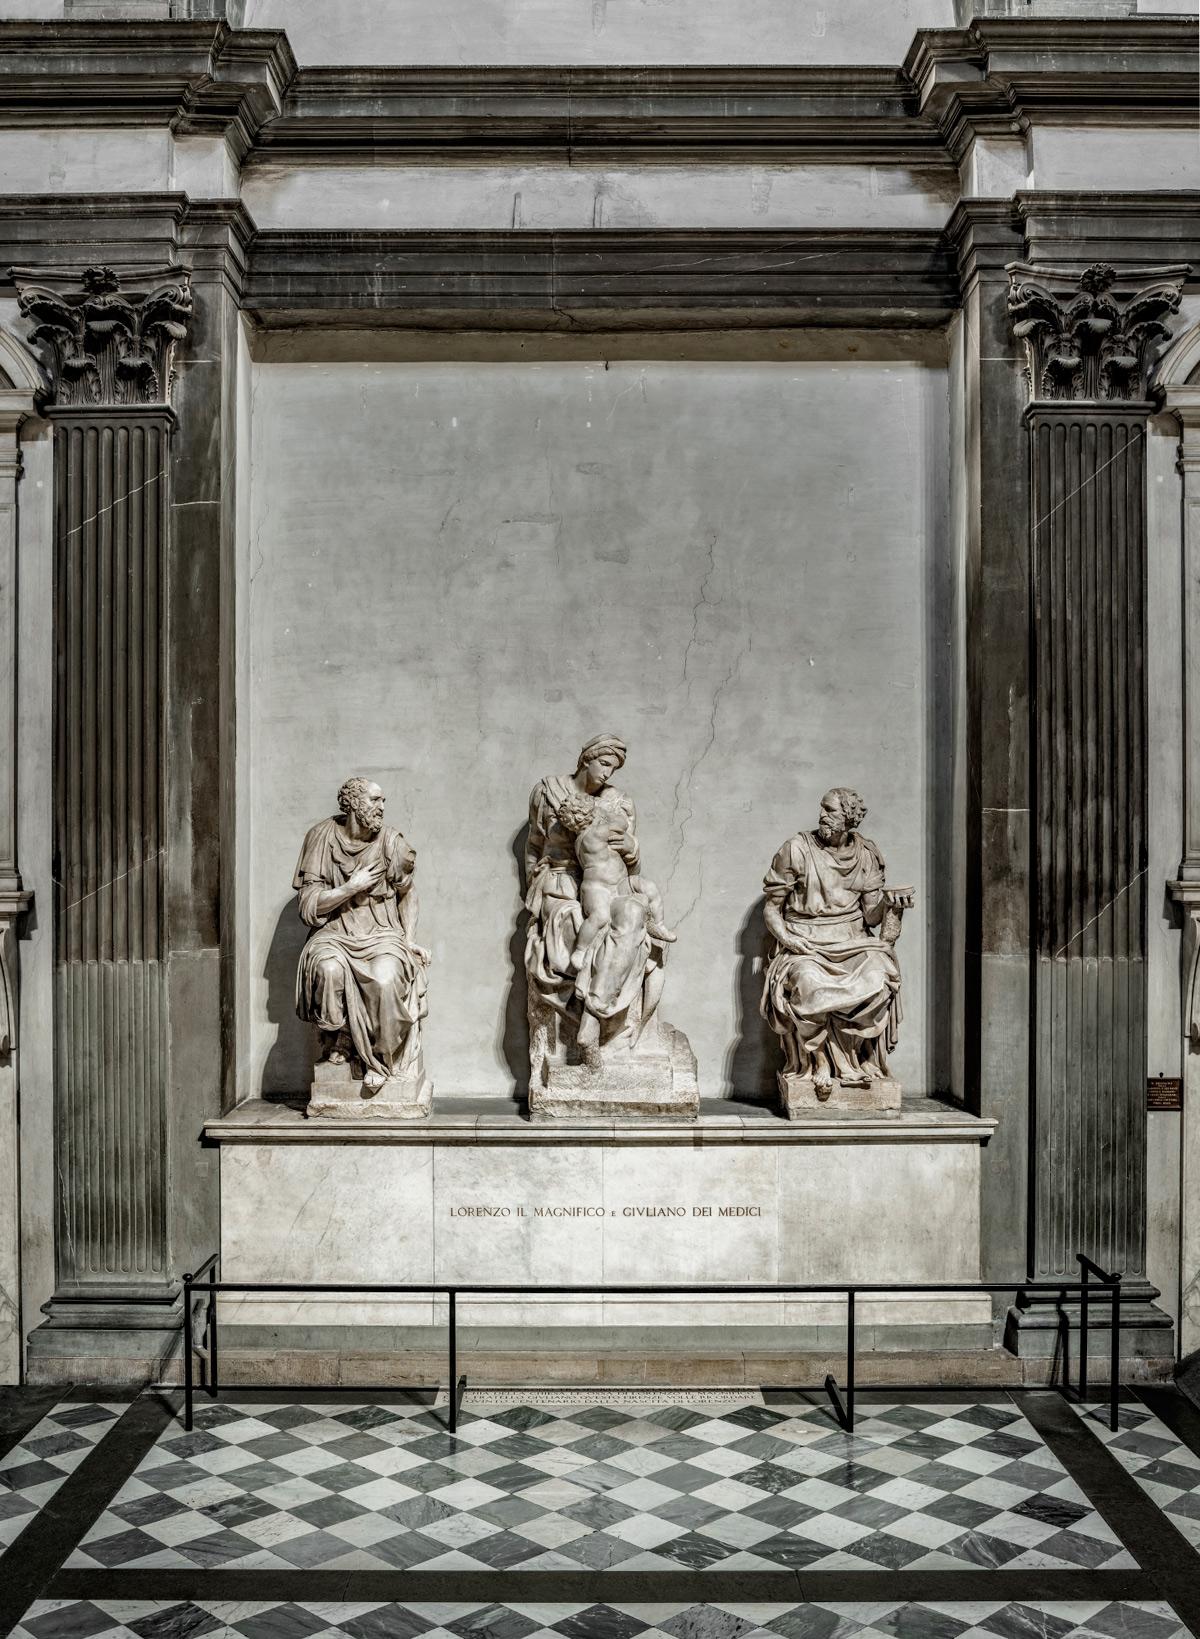 La tomba dei Magnifici. Ph. Credit Andrea Jemolo